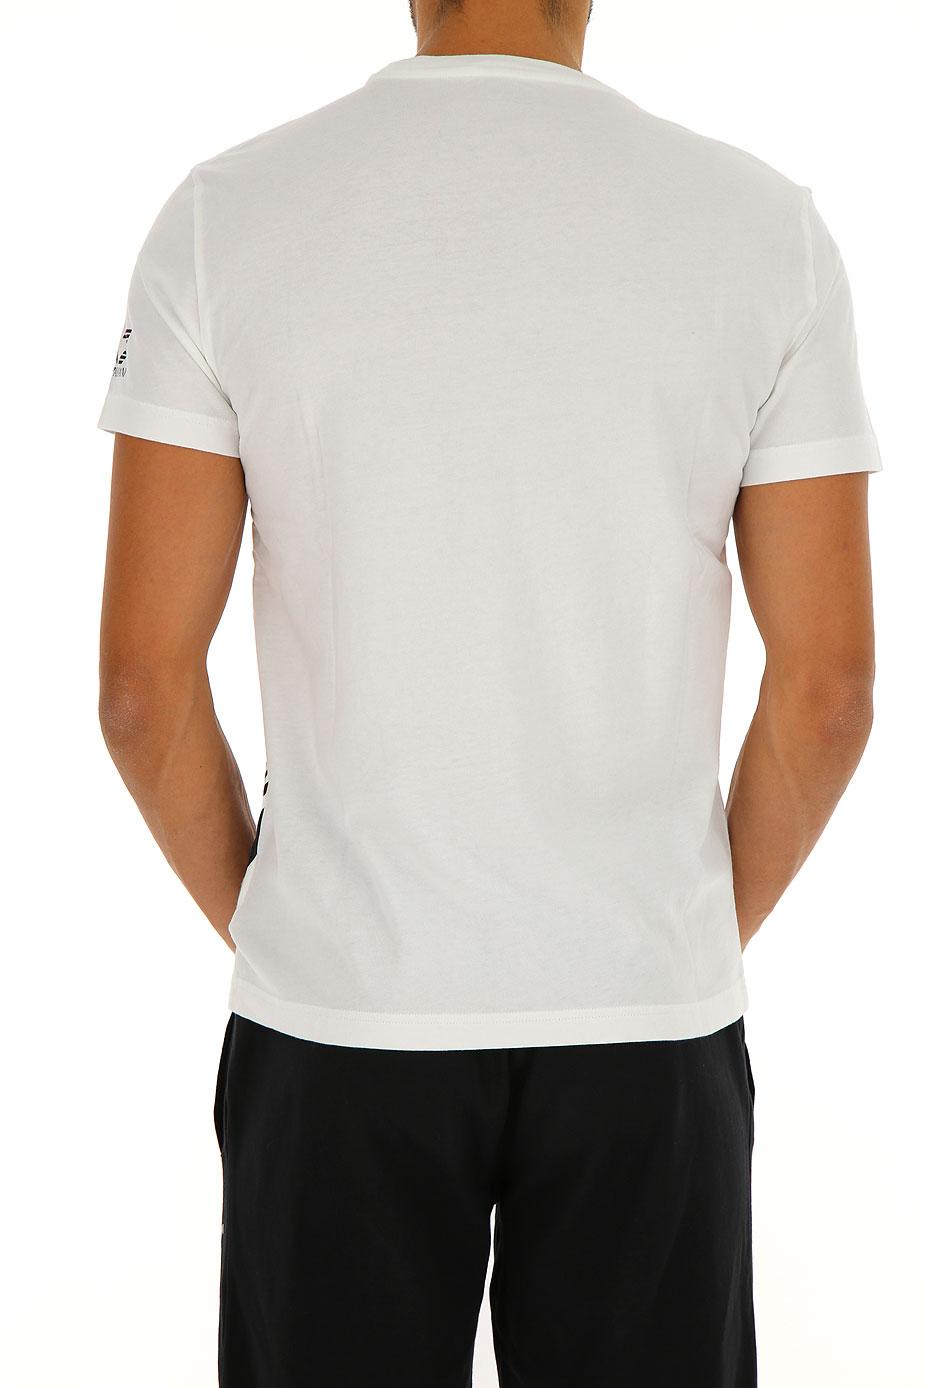 Abbigliamento Uomo Emporio Armani, Codice Articolo: 6ypt68-pj30z-1100